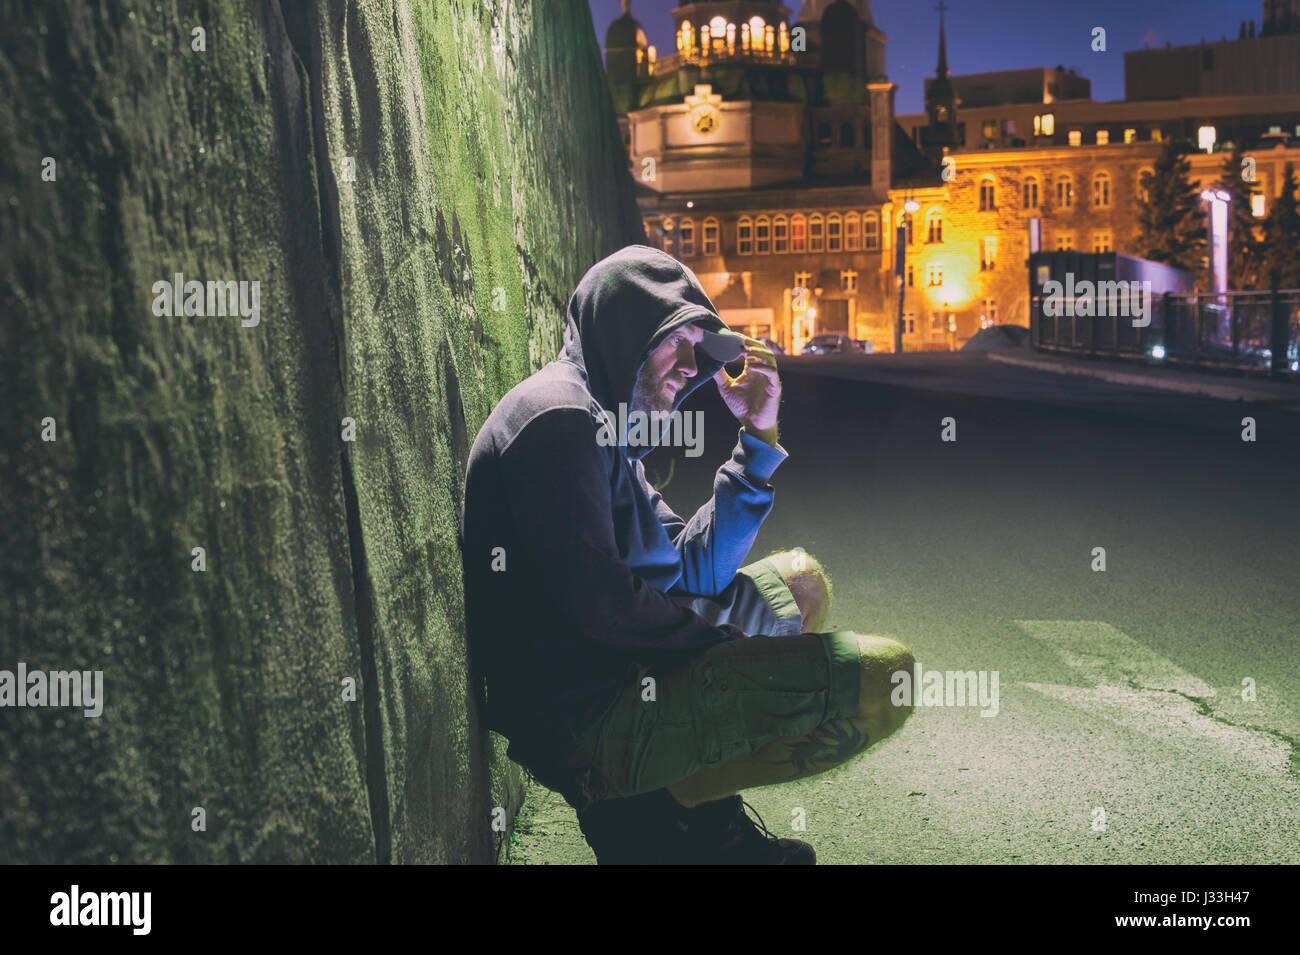 Triste y solitario hombre con hoodie sentada contra una pared por la noche Imagen De Stock